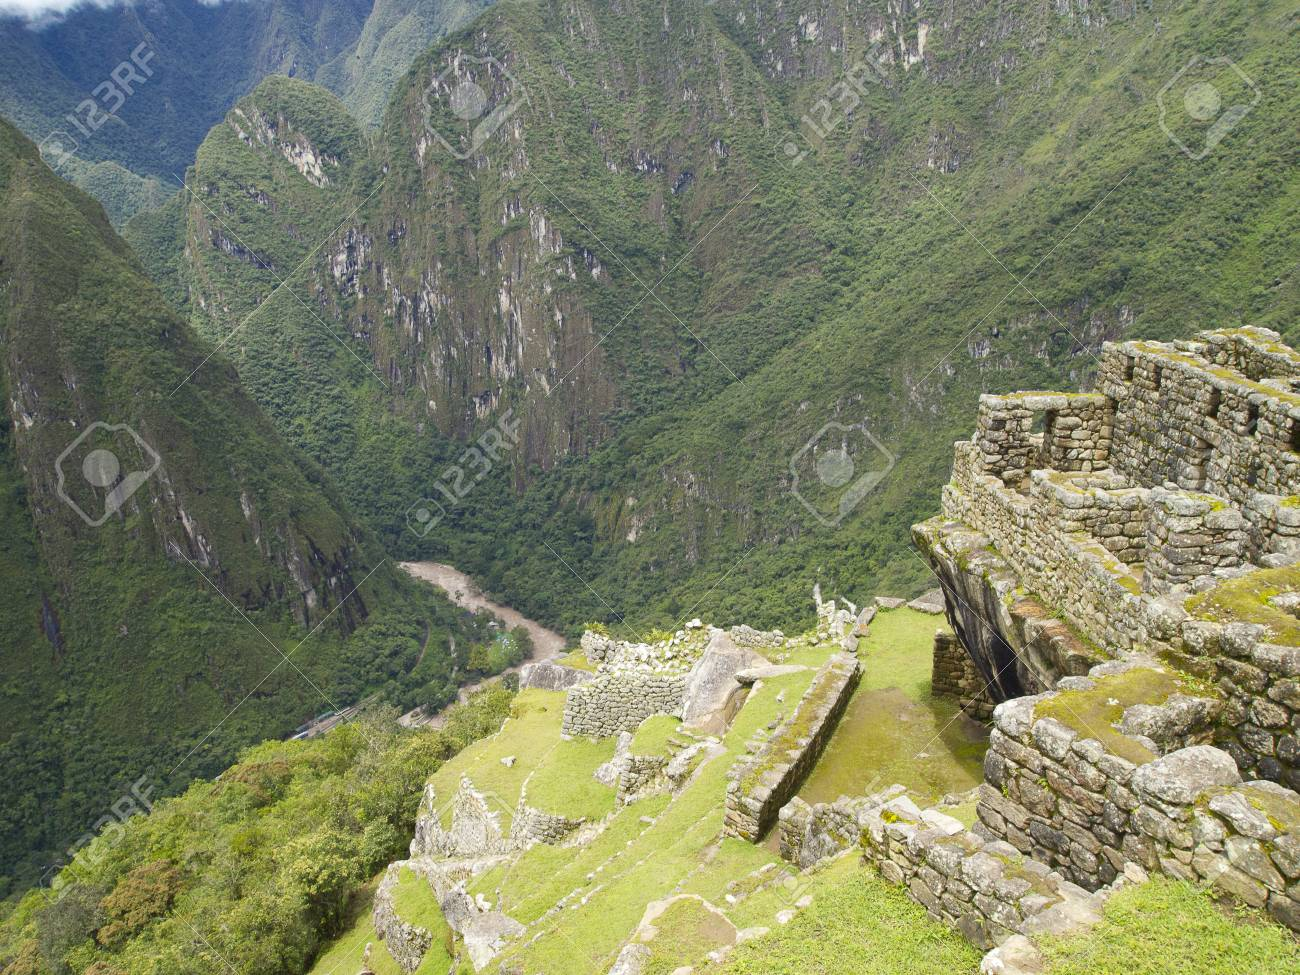 Los Cultivos En Terrazas En El Sector Agrícola Superior Del Machu Picchu En El Valle Del Río Urubamba Cusco Perú